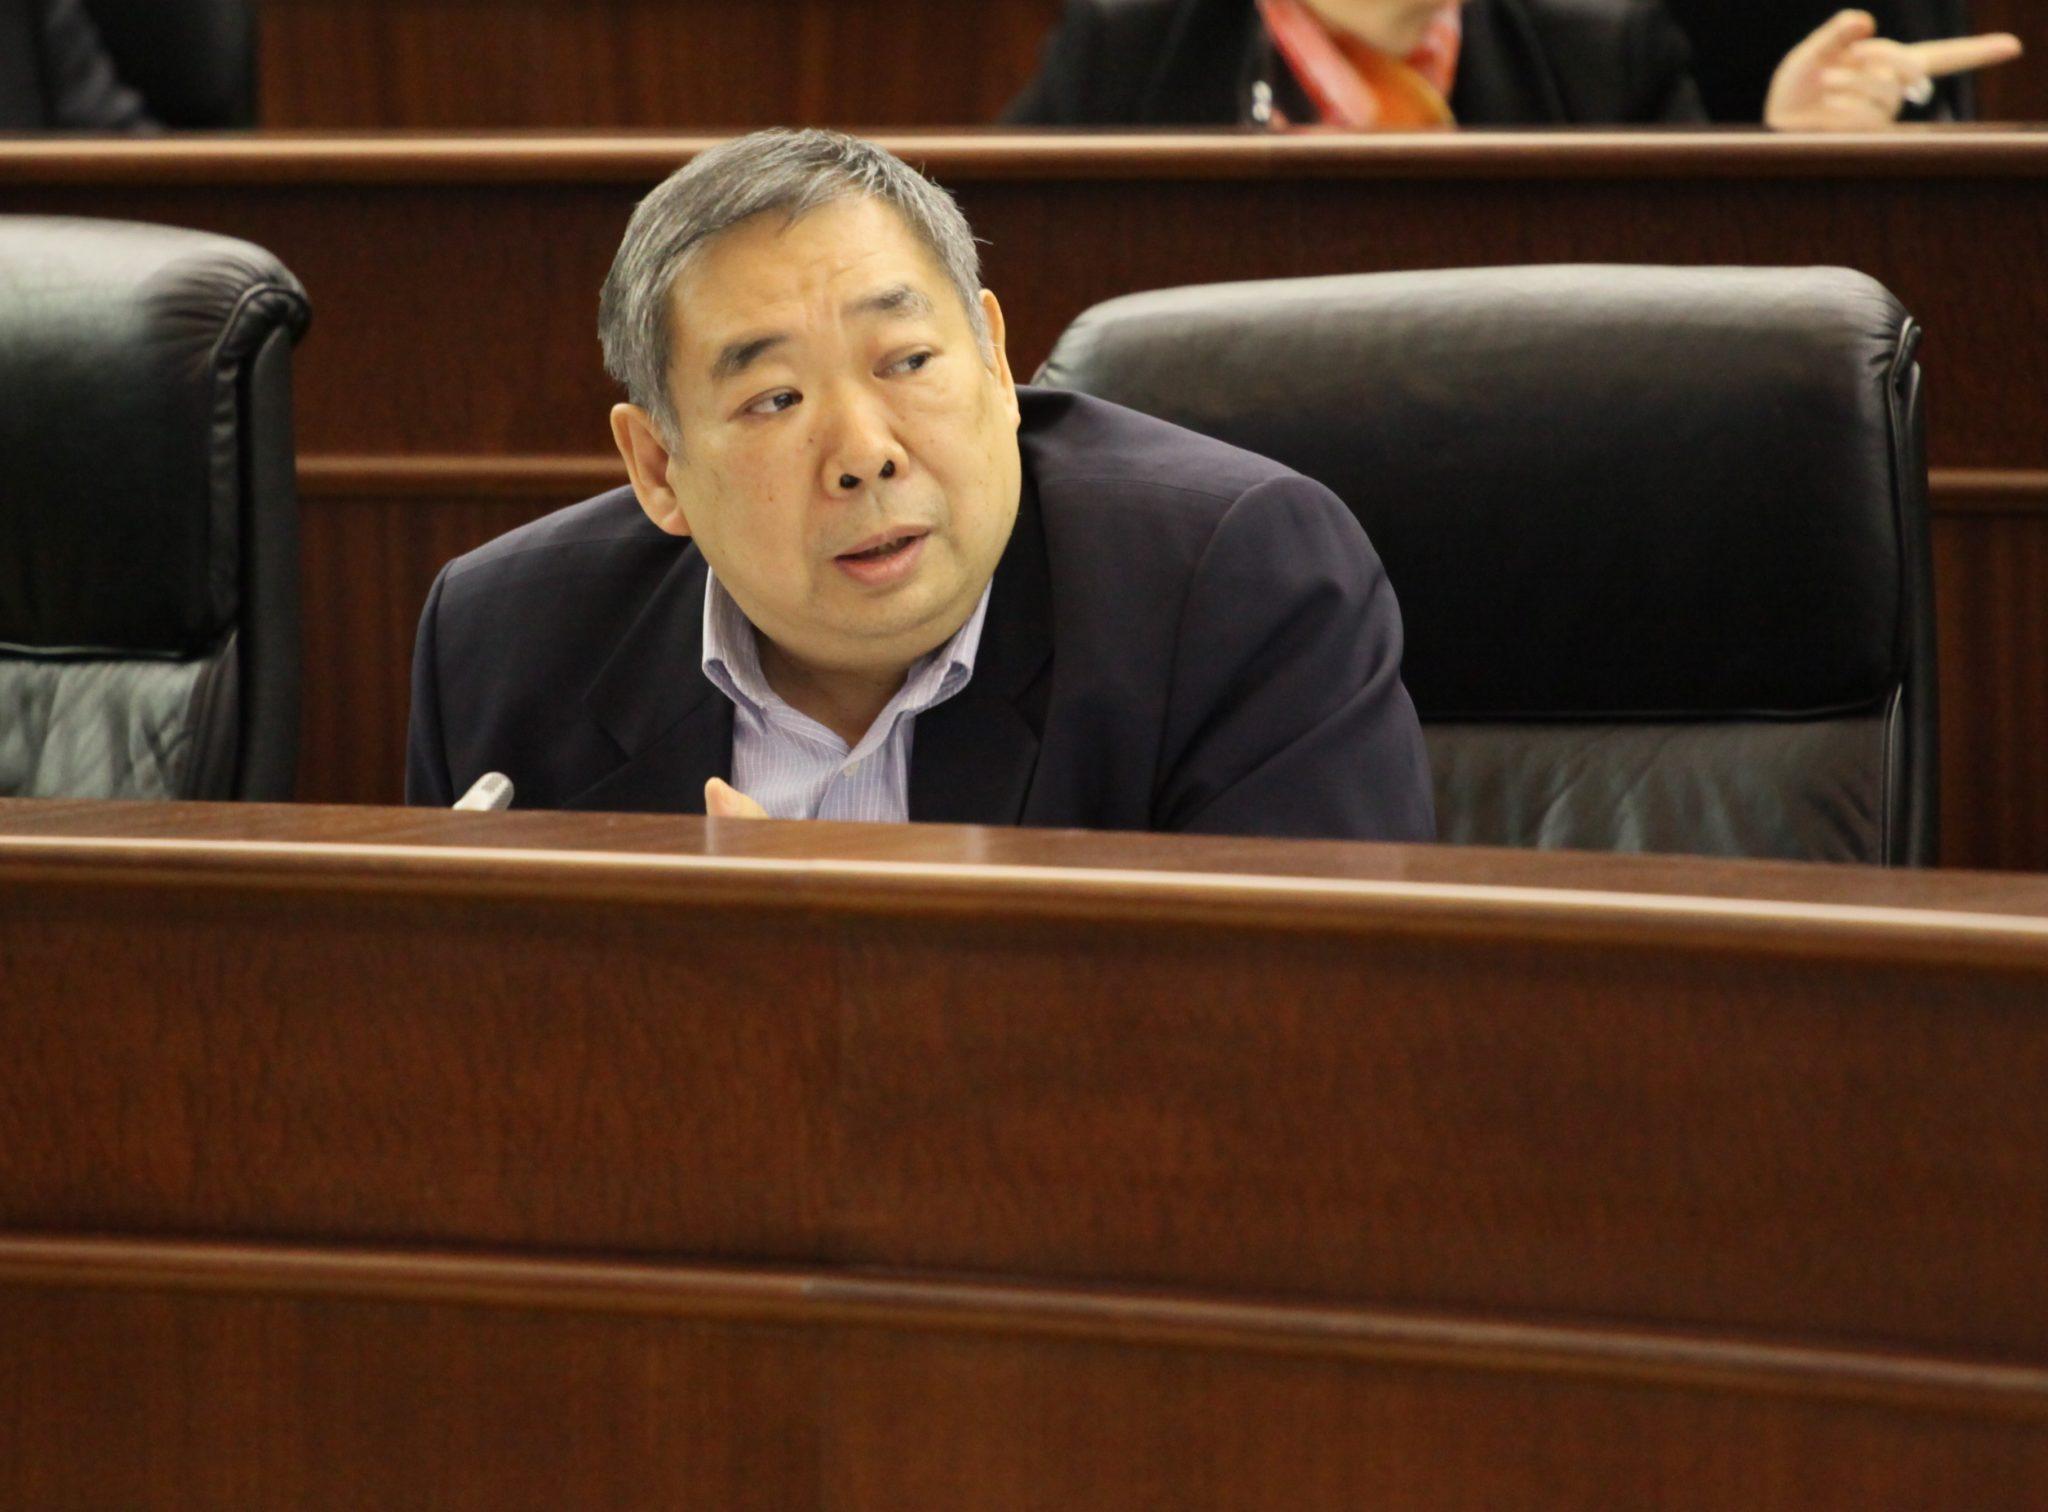 Chefe do Executivo | Chui Sai Cheong diz que Ho Iat Seng reúne condições para o cargo